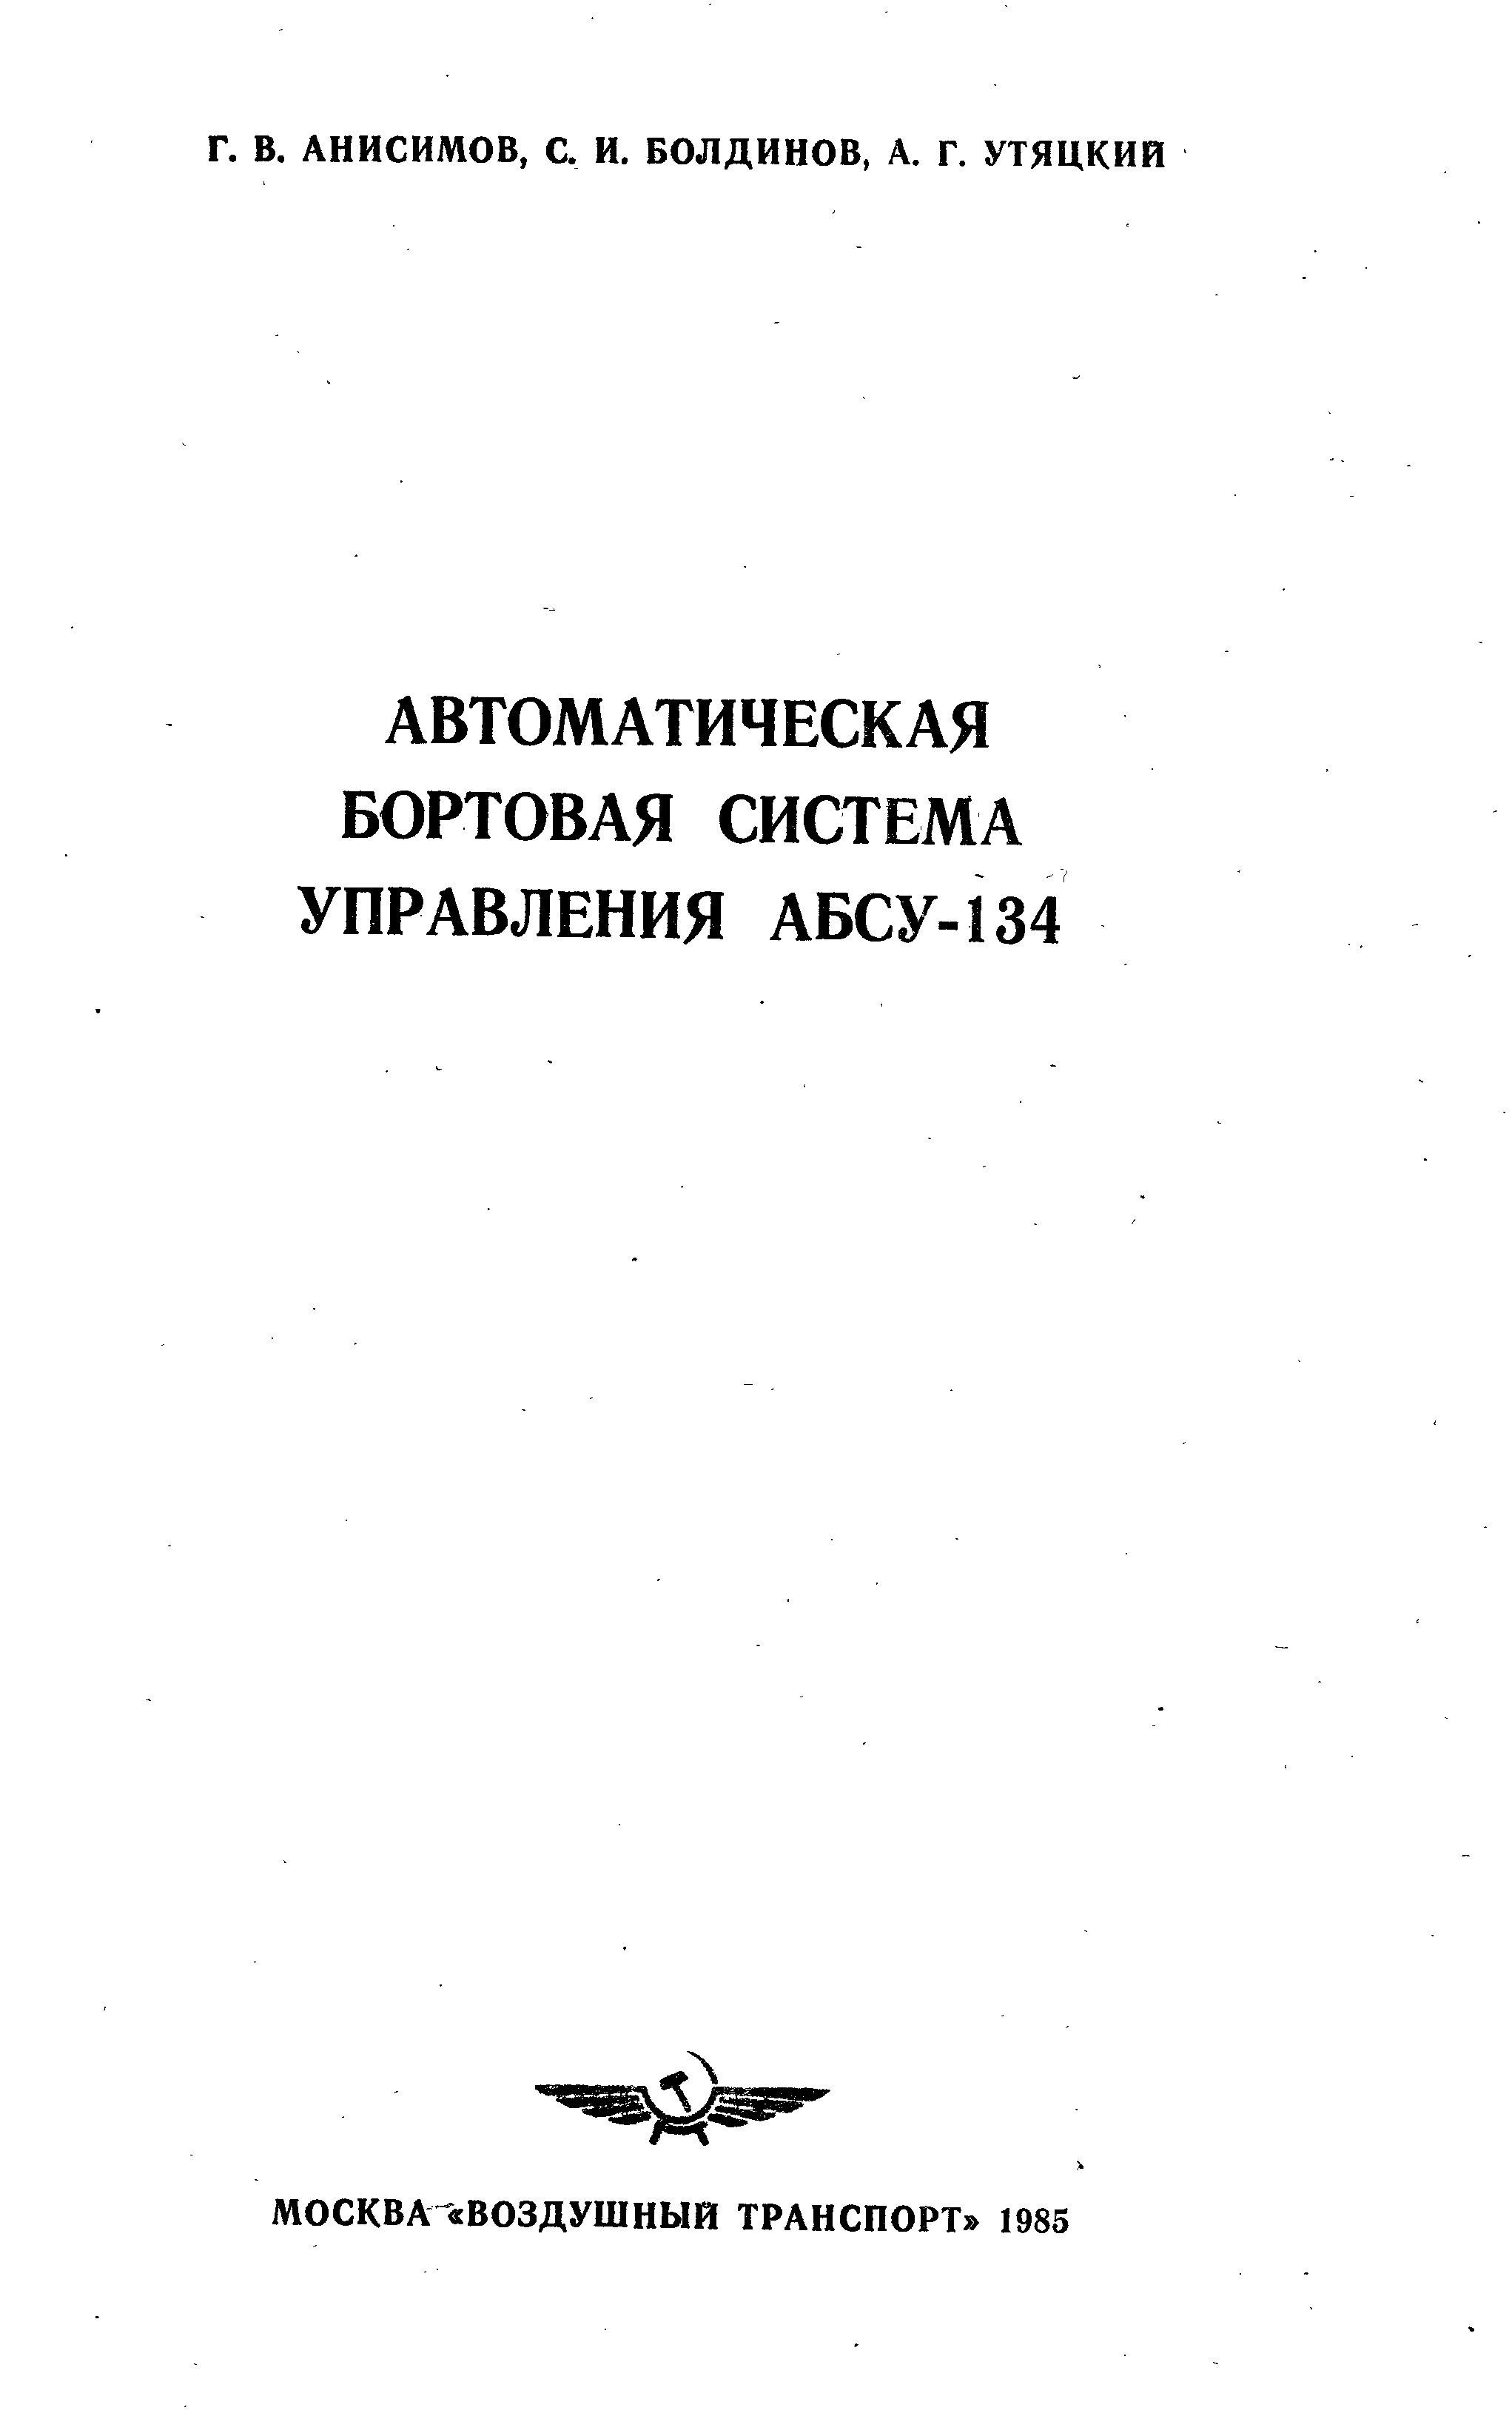 Автоматическая бортовая система управления АБСУ-134